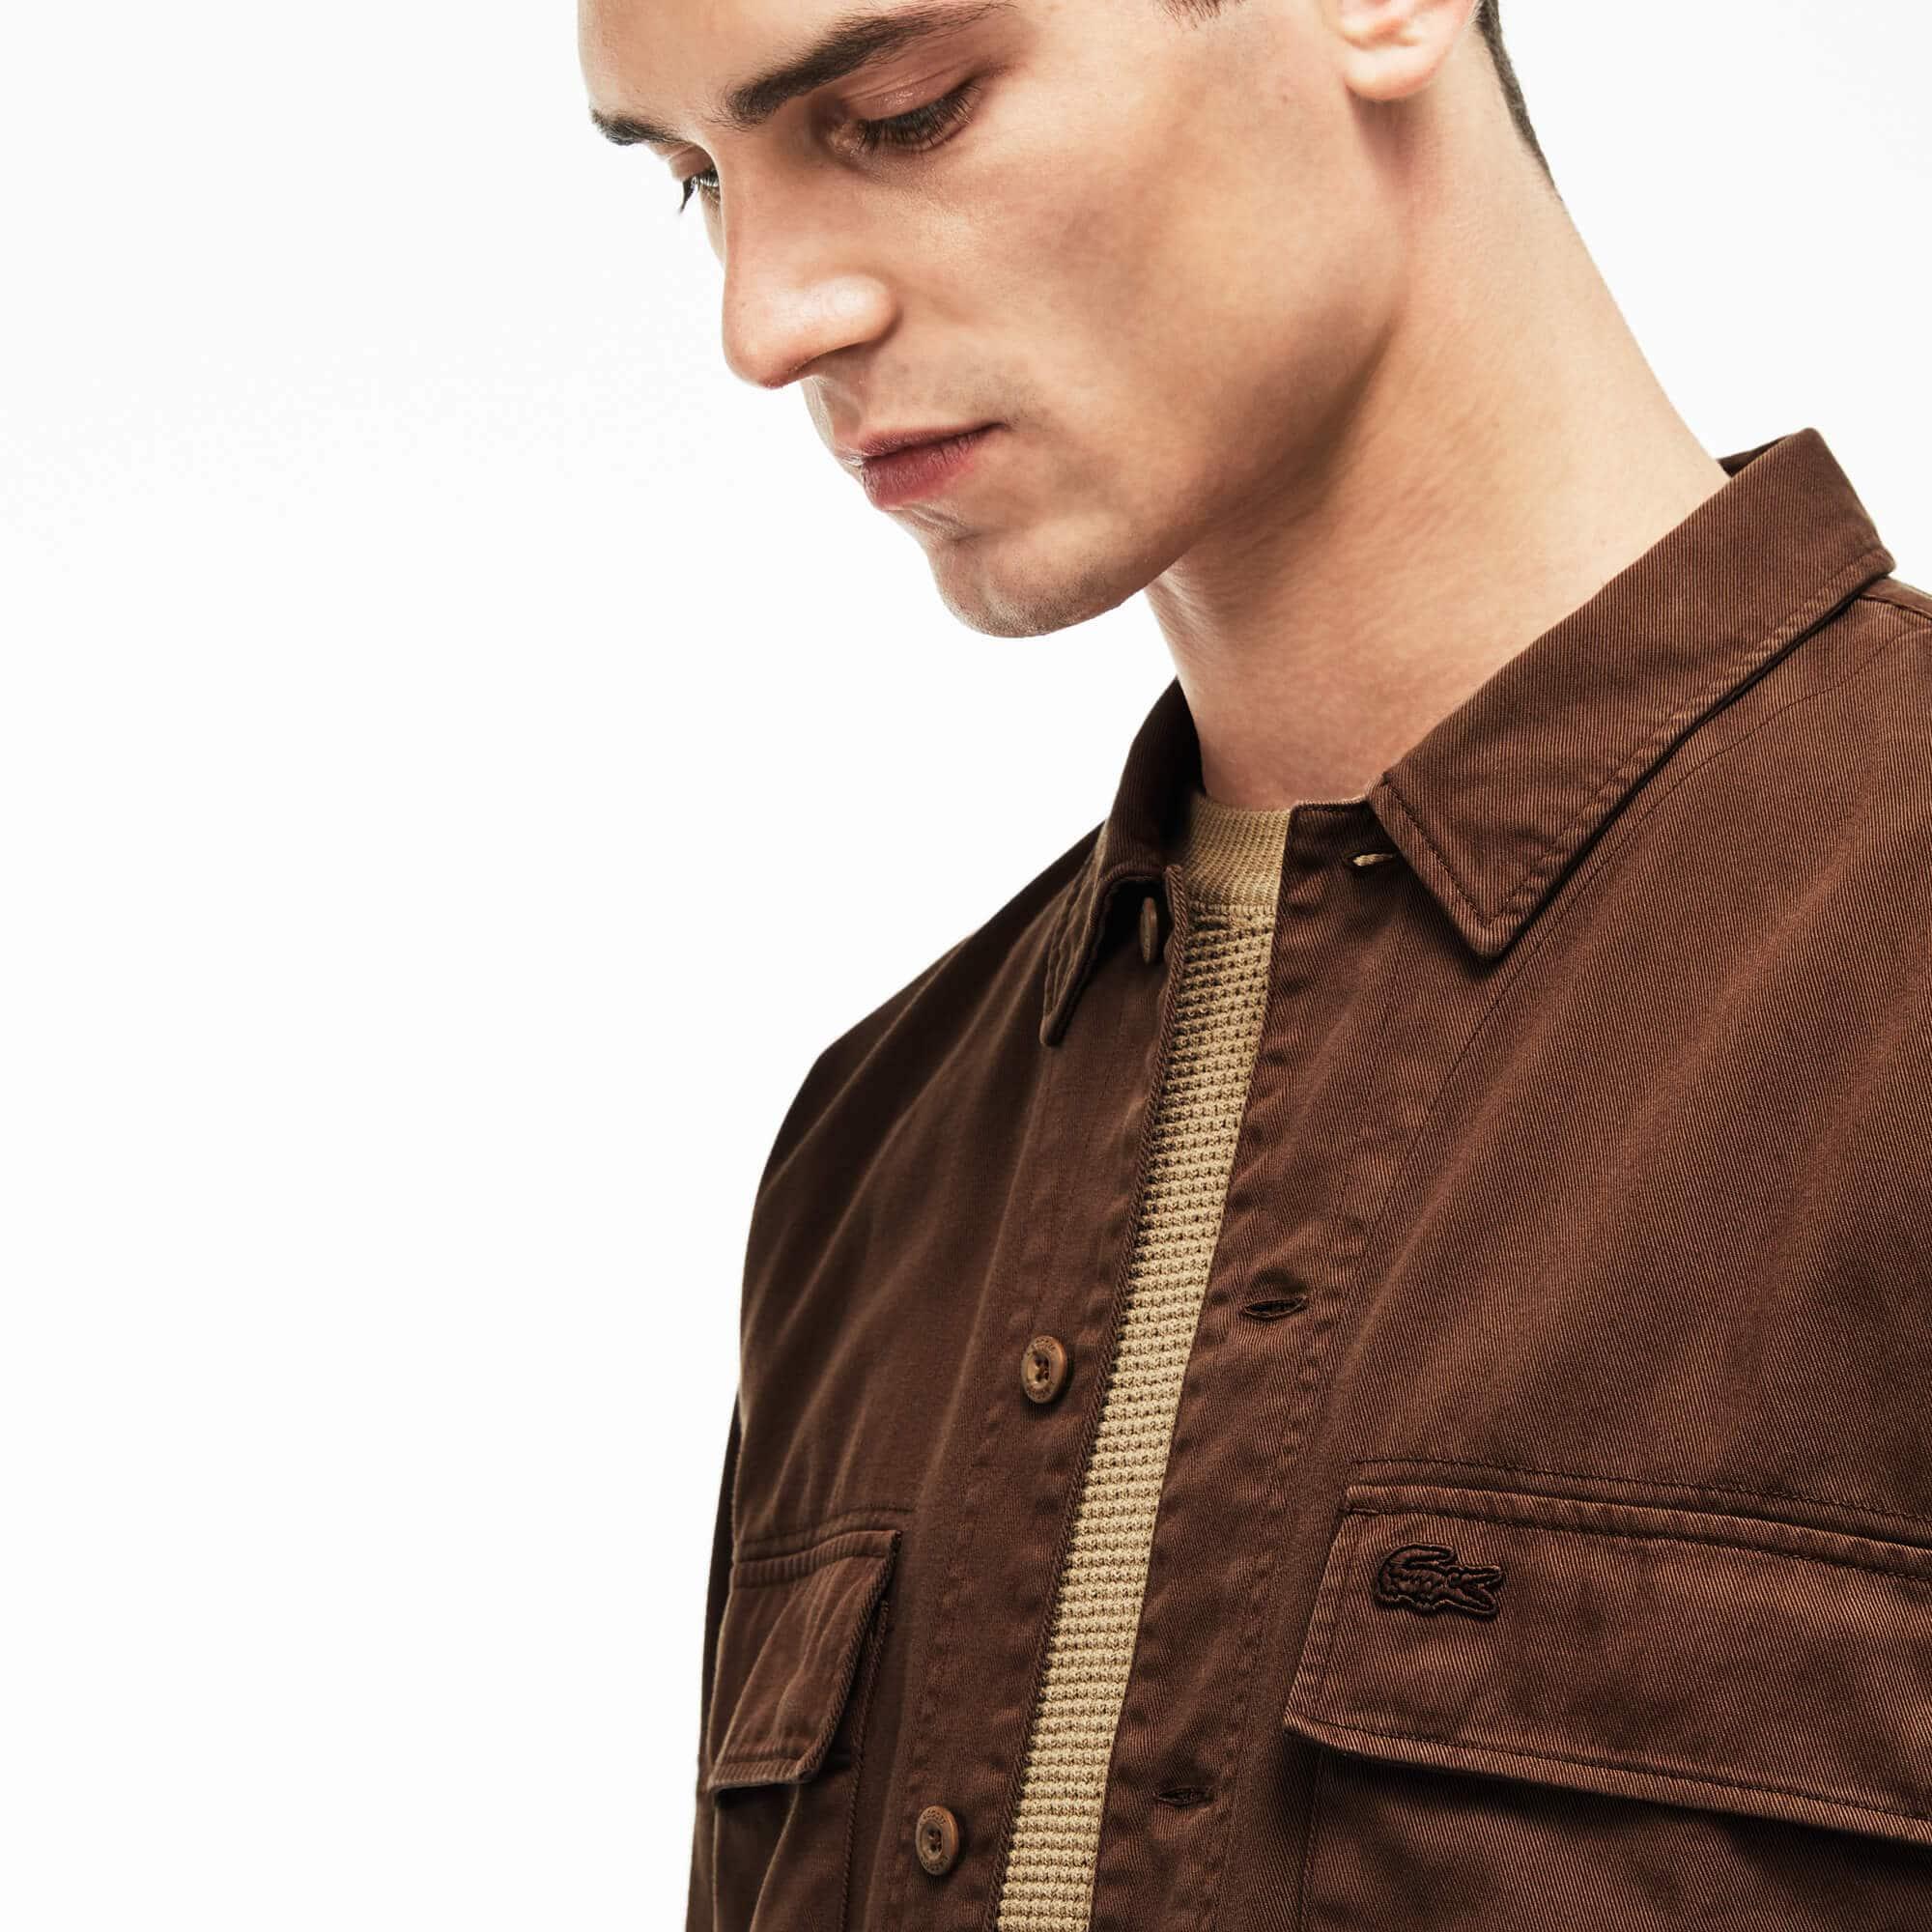 Camisa relax fit de sarga de algodón efecto deslavado